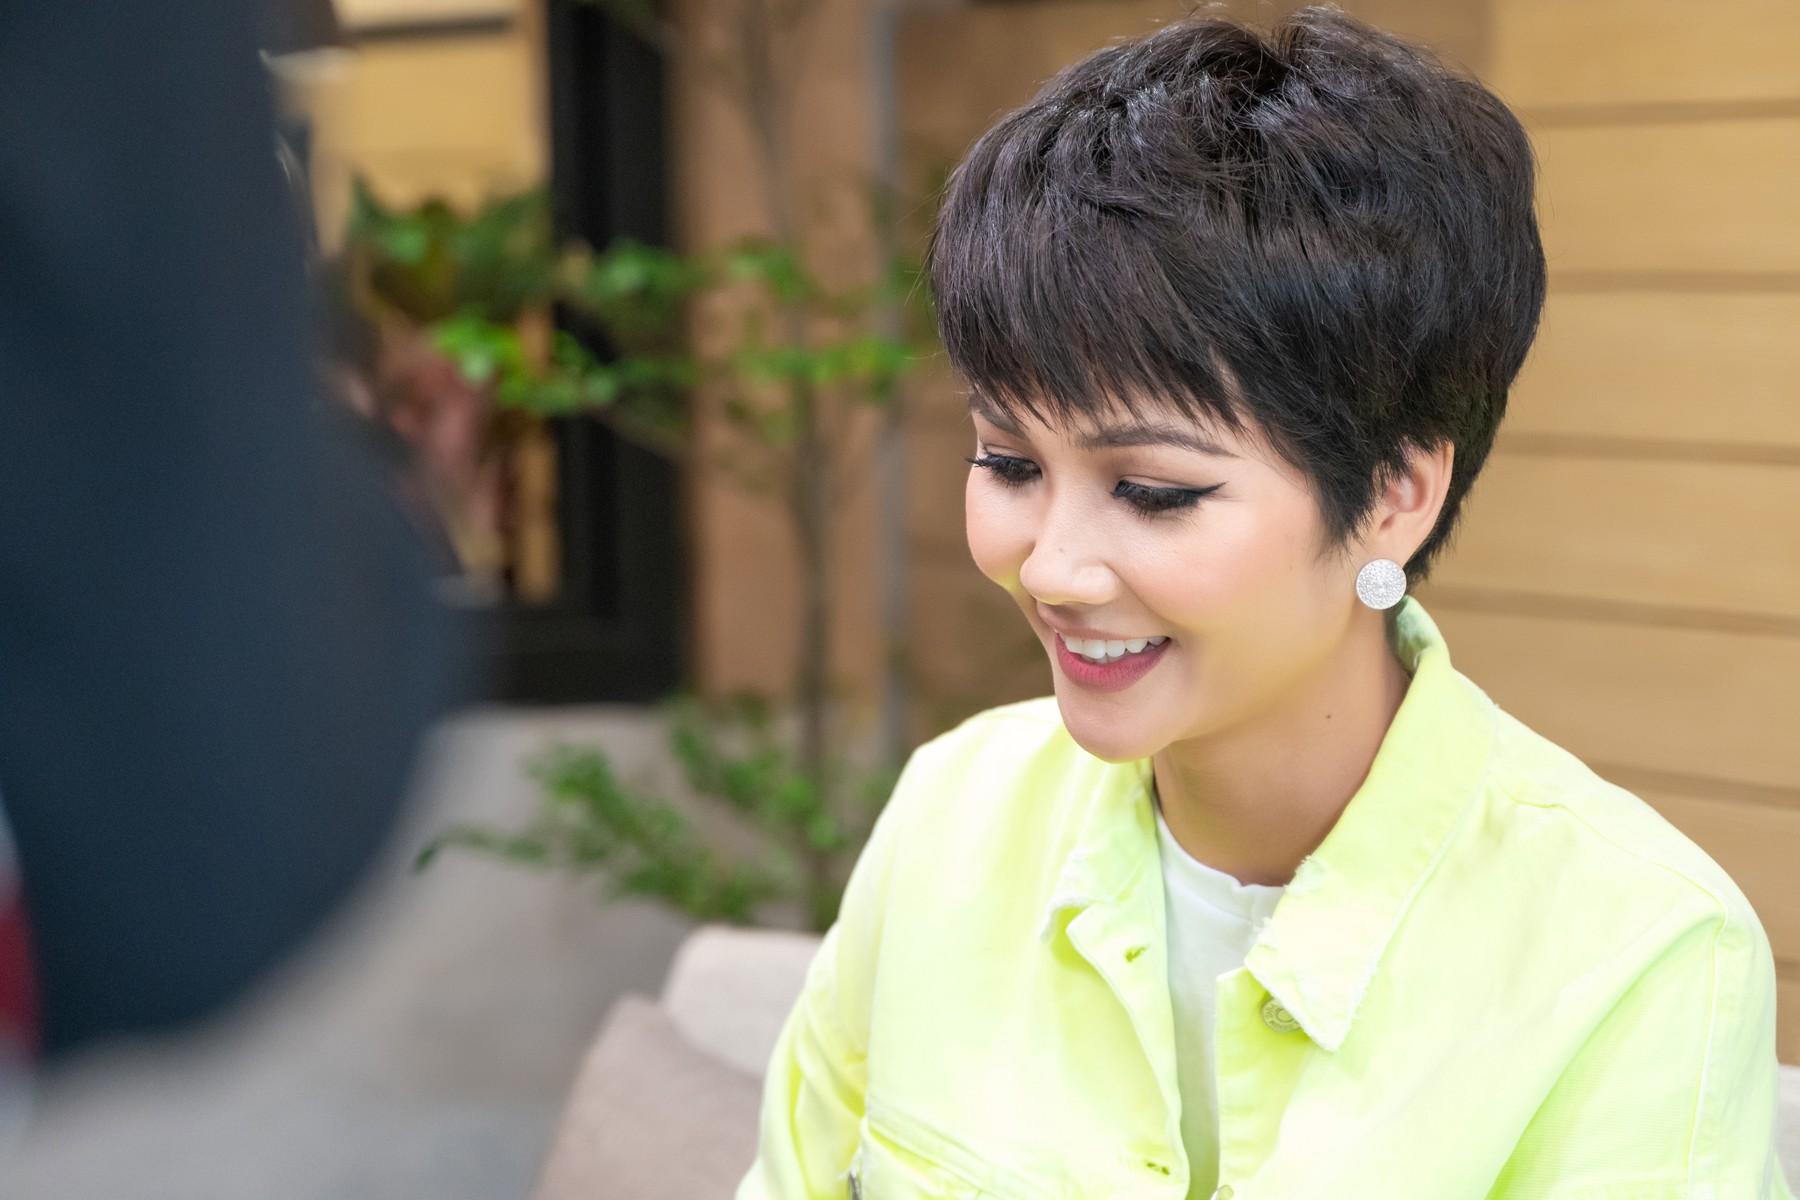 Hoa hậu HHen Niê tiết lộ từng được khuyên tiêm môi, sửa mũi, làm trắng da trước khi thi quốc tế - Ảnh 3.